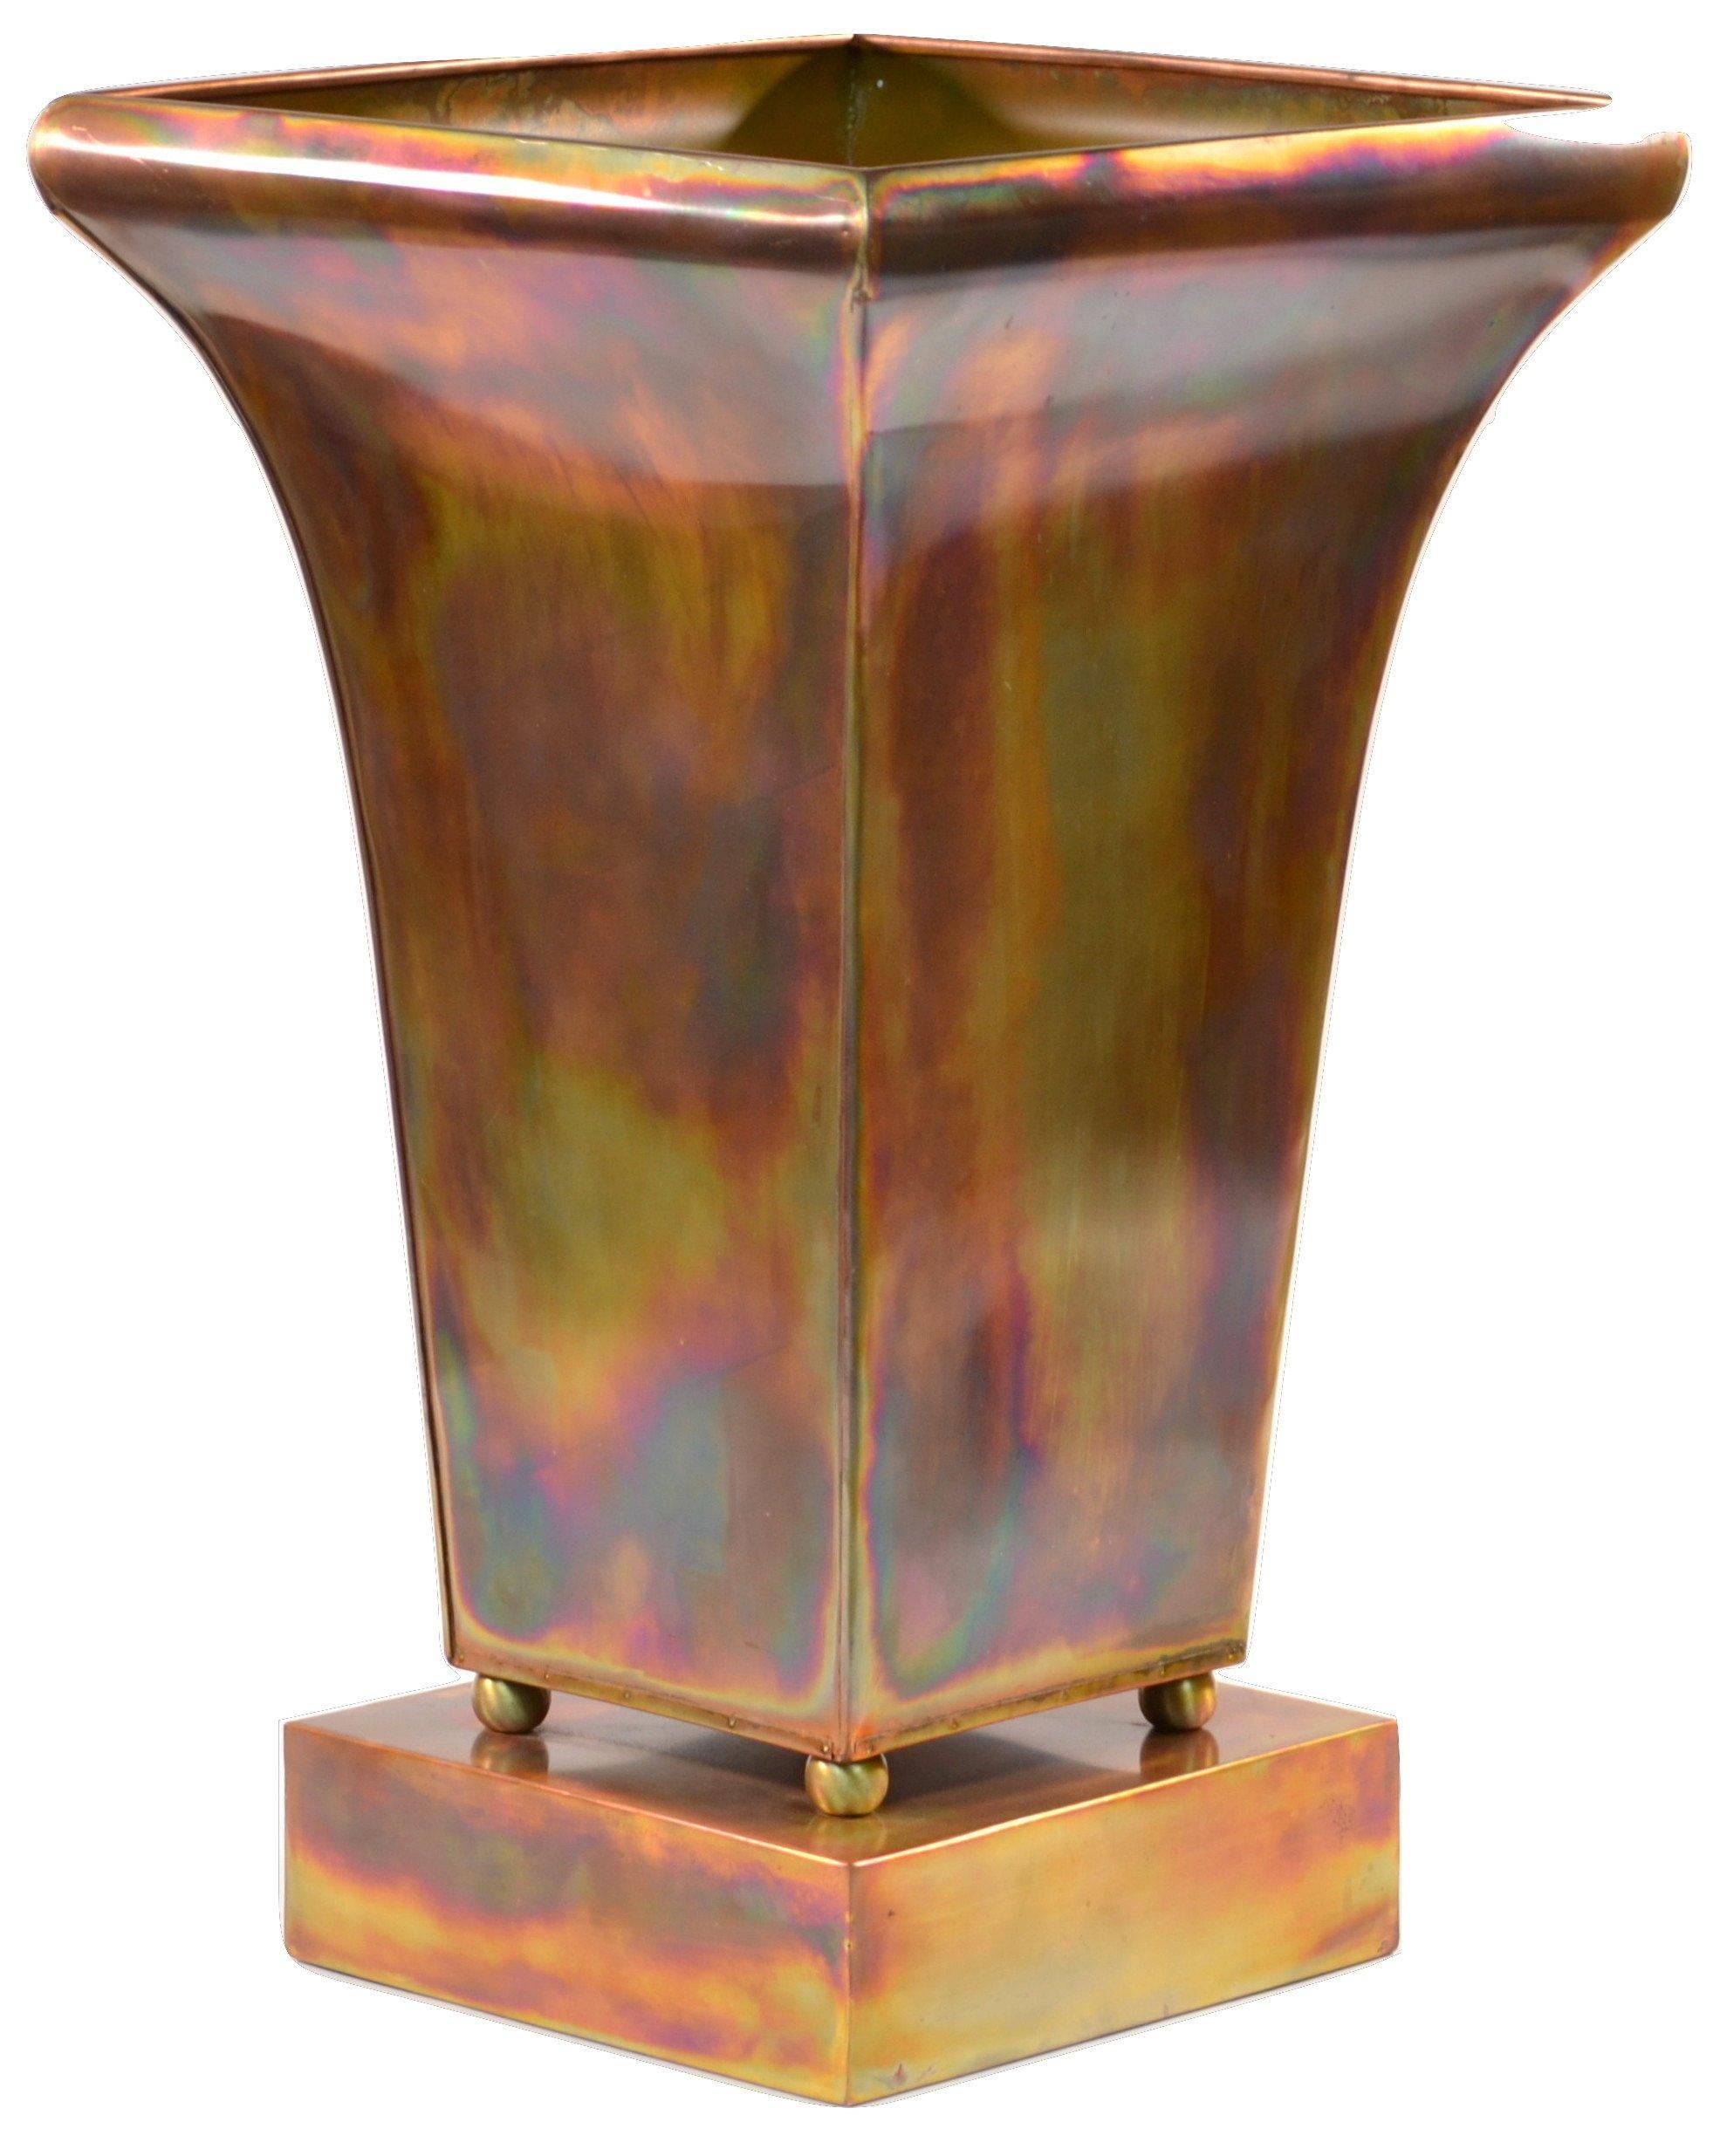 H Potter Planter Indoor Outdoor Rustic Copper Garden Flower Pot